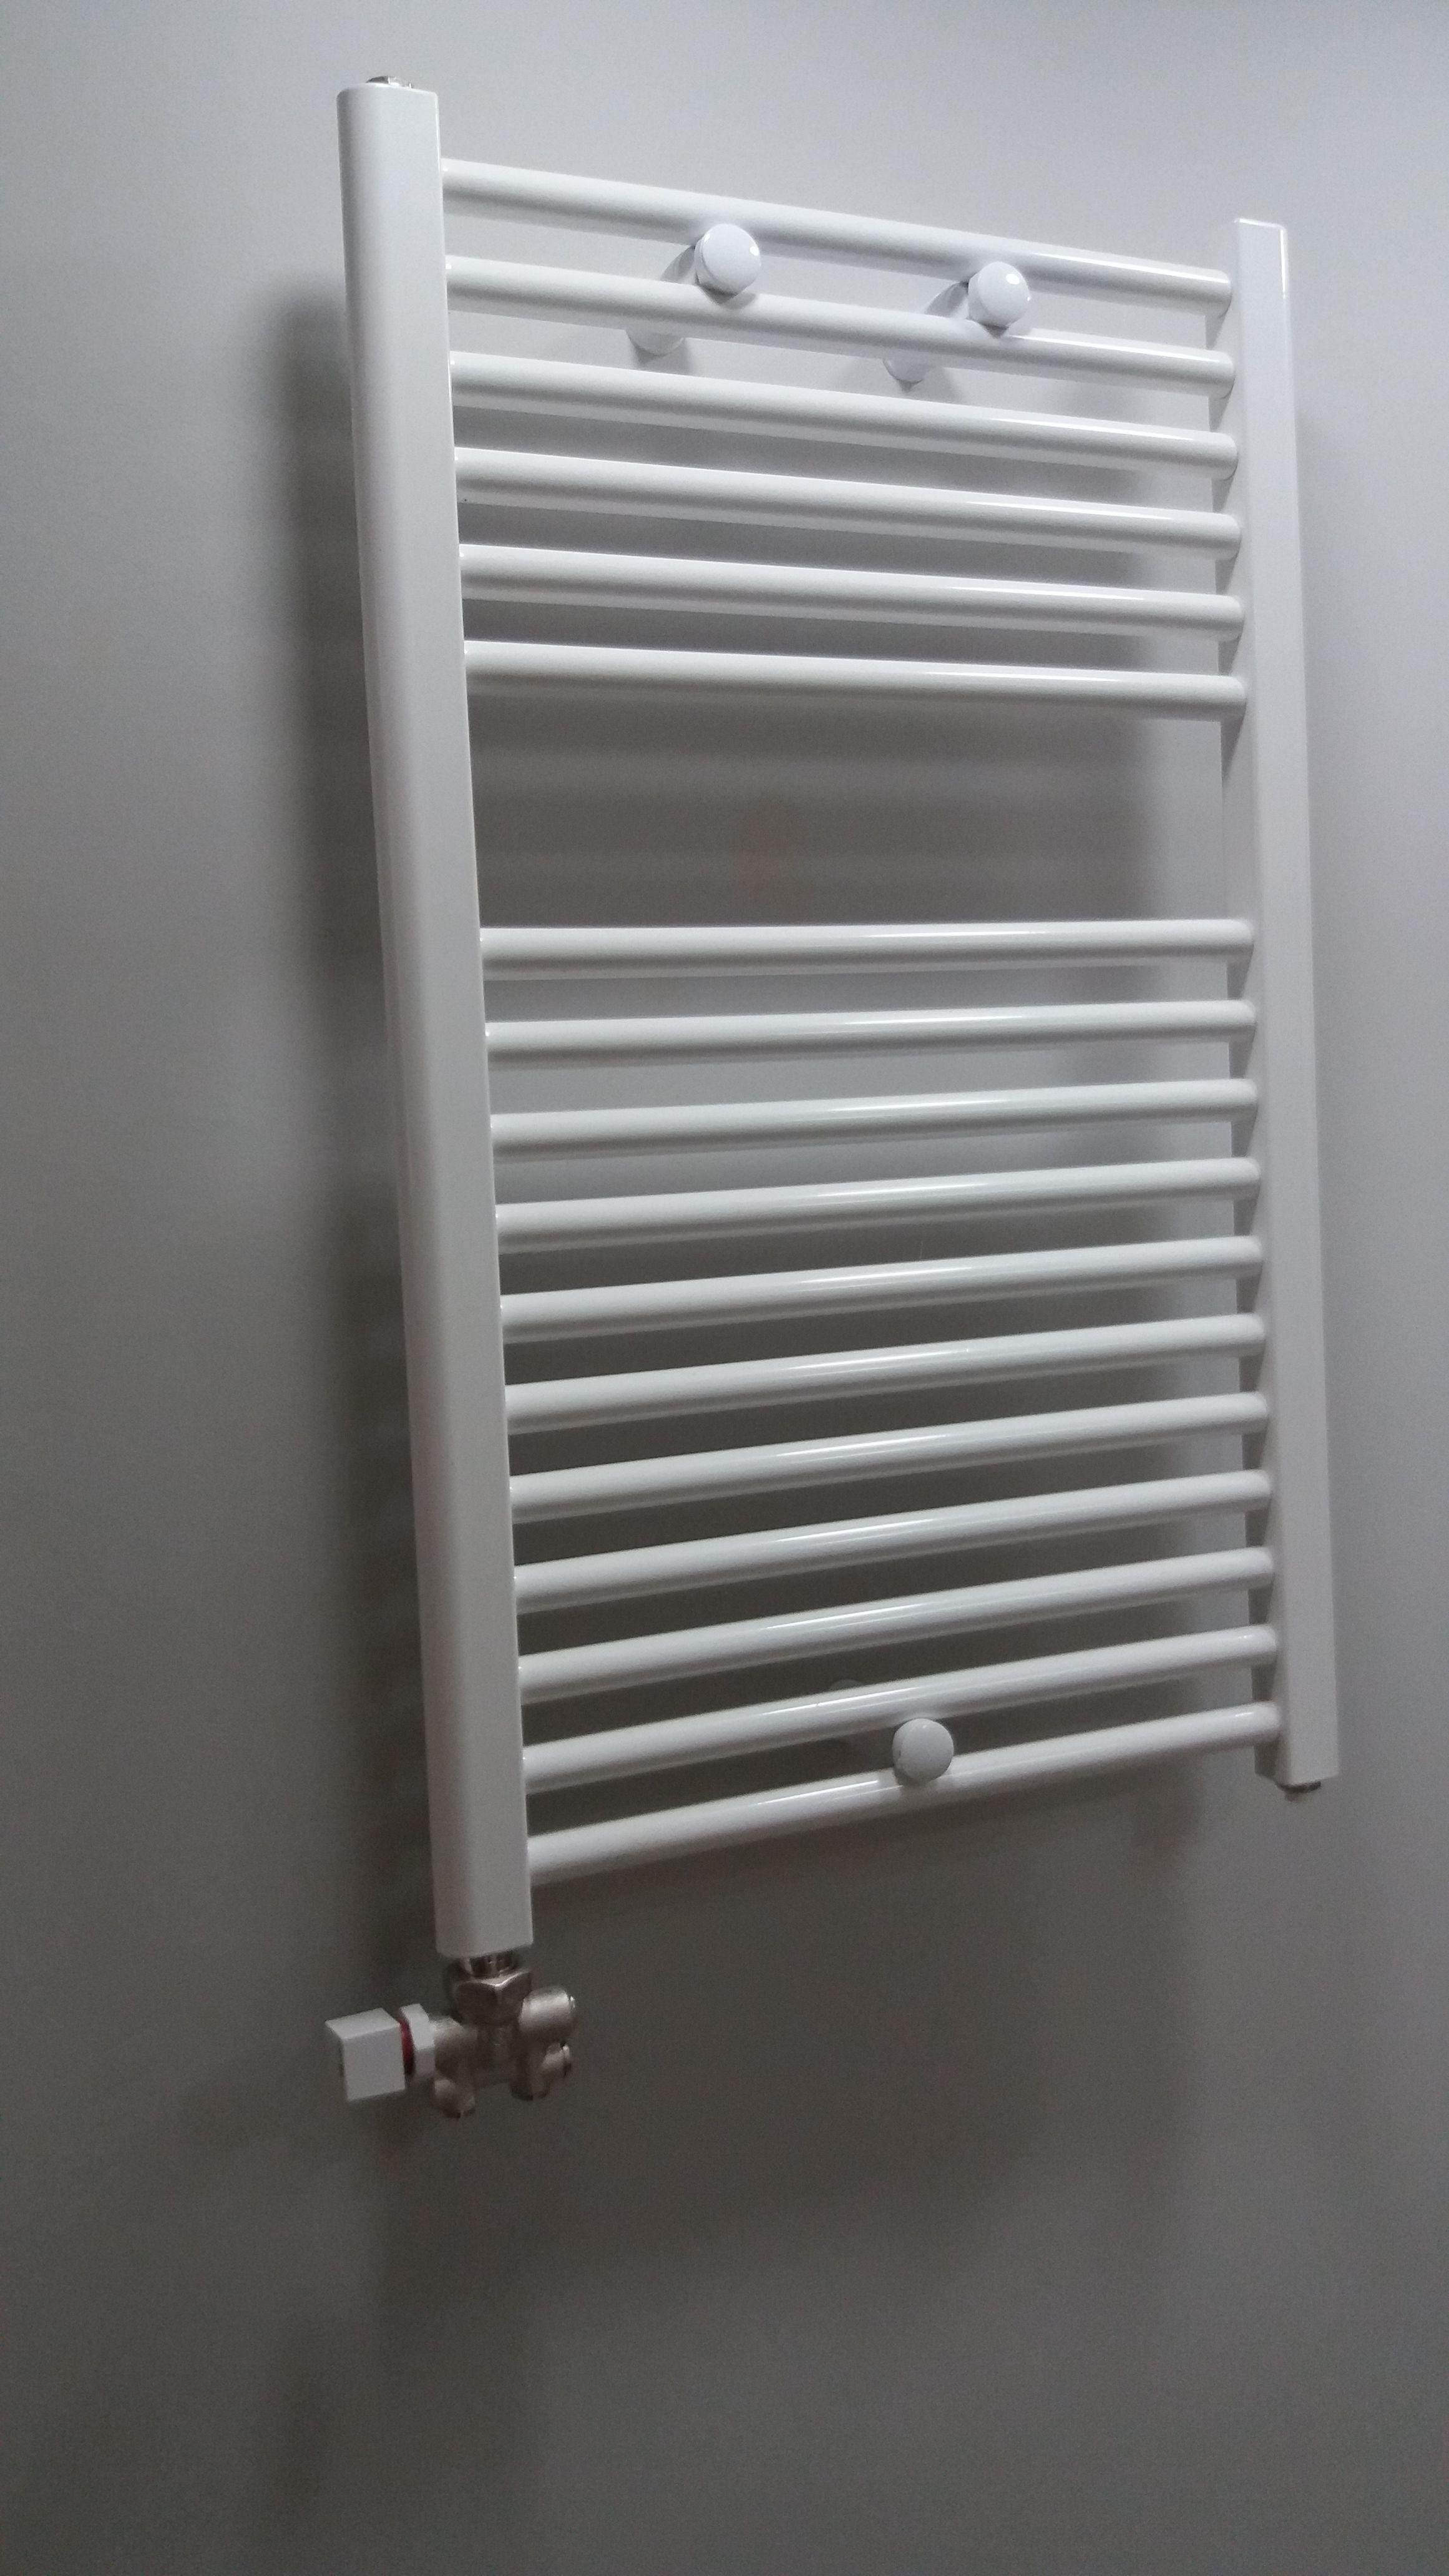 Radiador toallero baño en 2019 | Radiador toallero, Baños ...